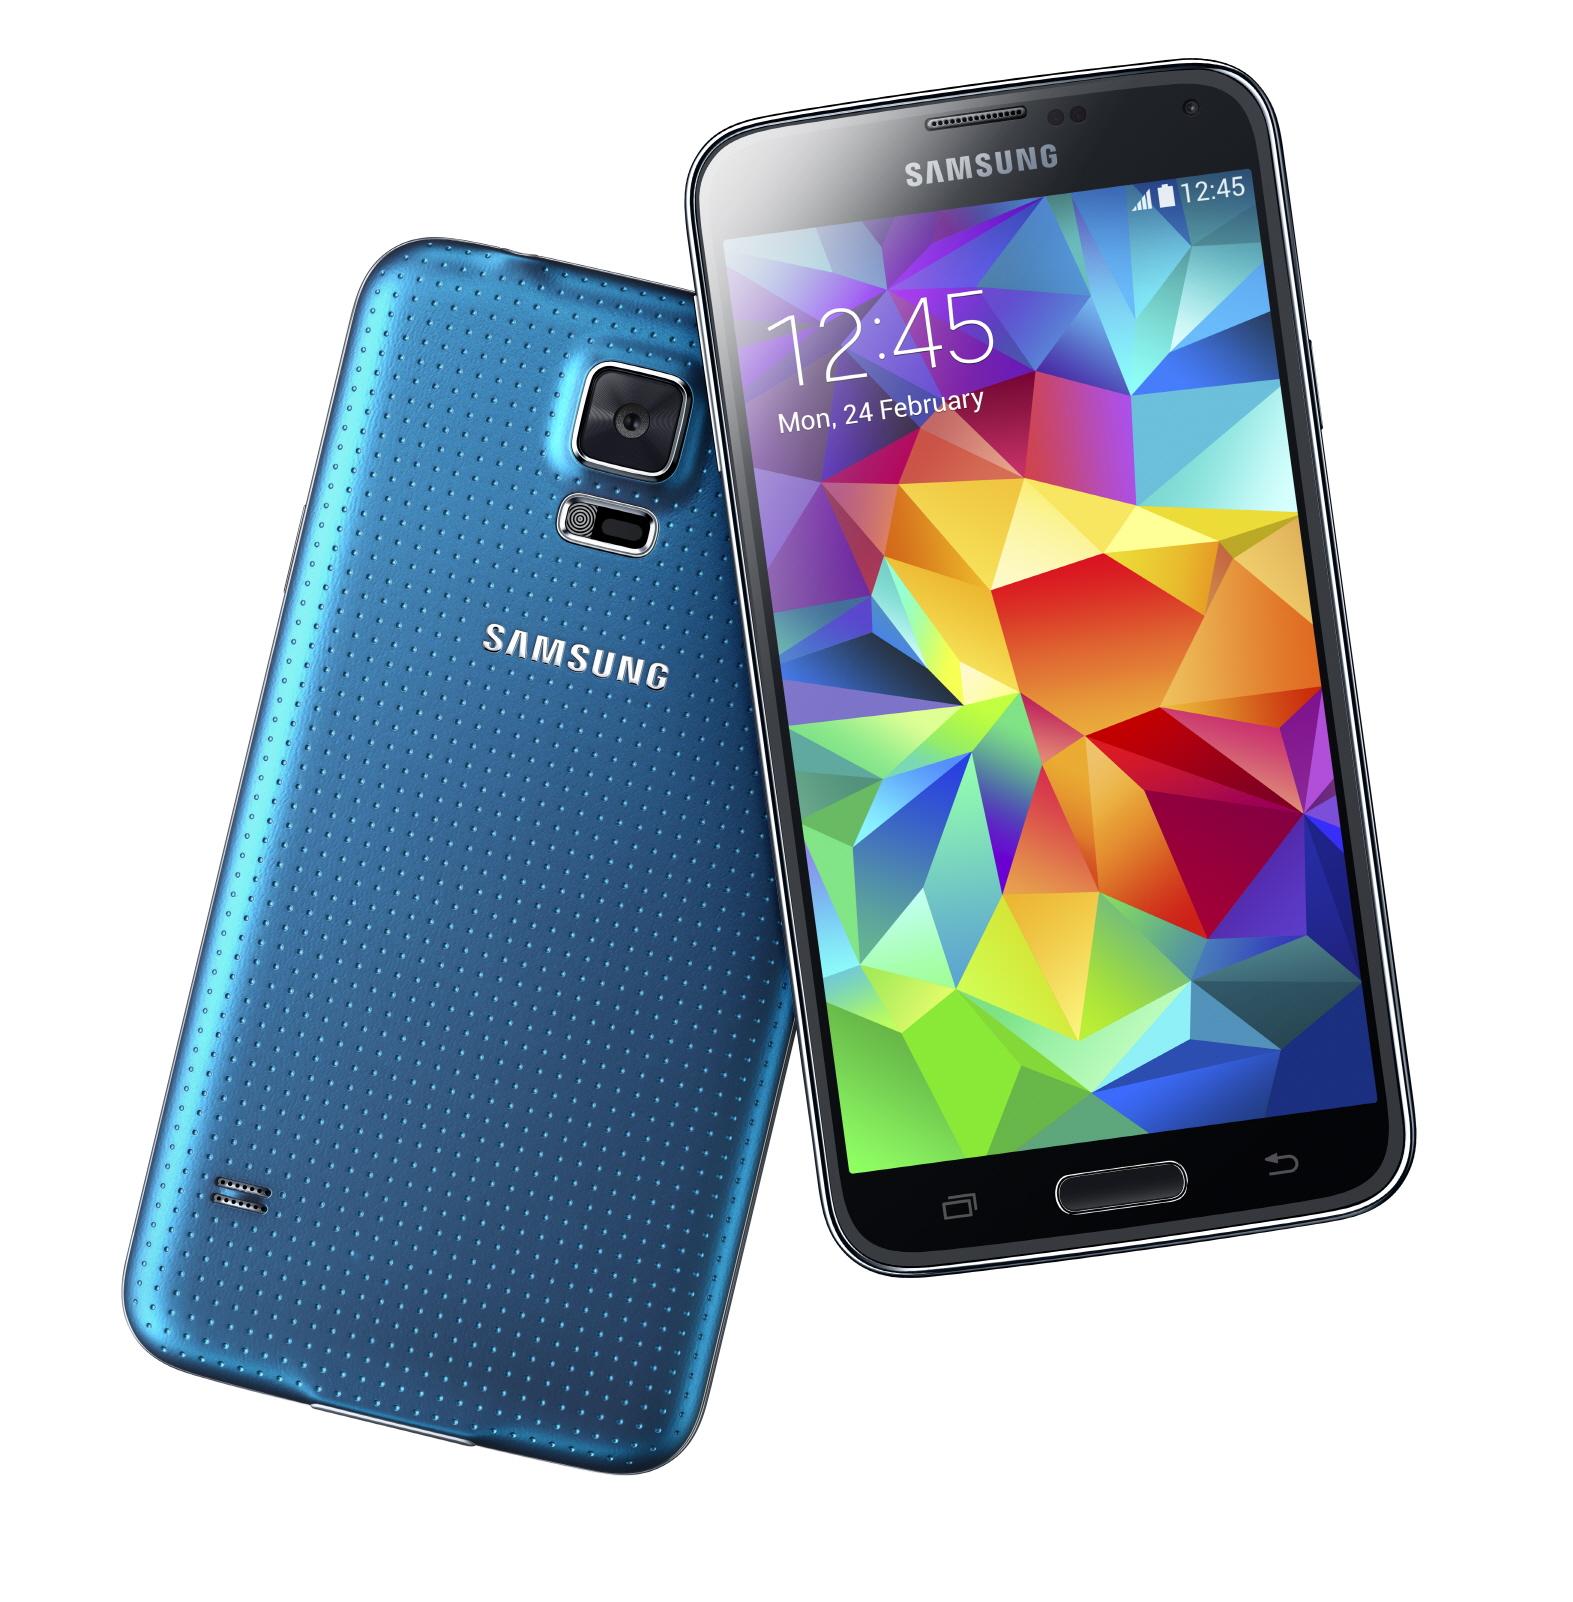 Samsung Galaxy S5 Lands With Fingerprint Scanner Heart